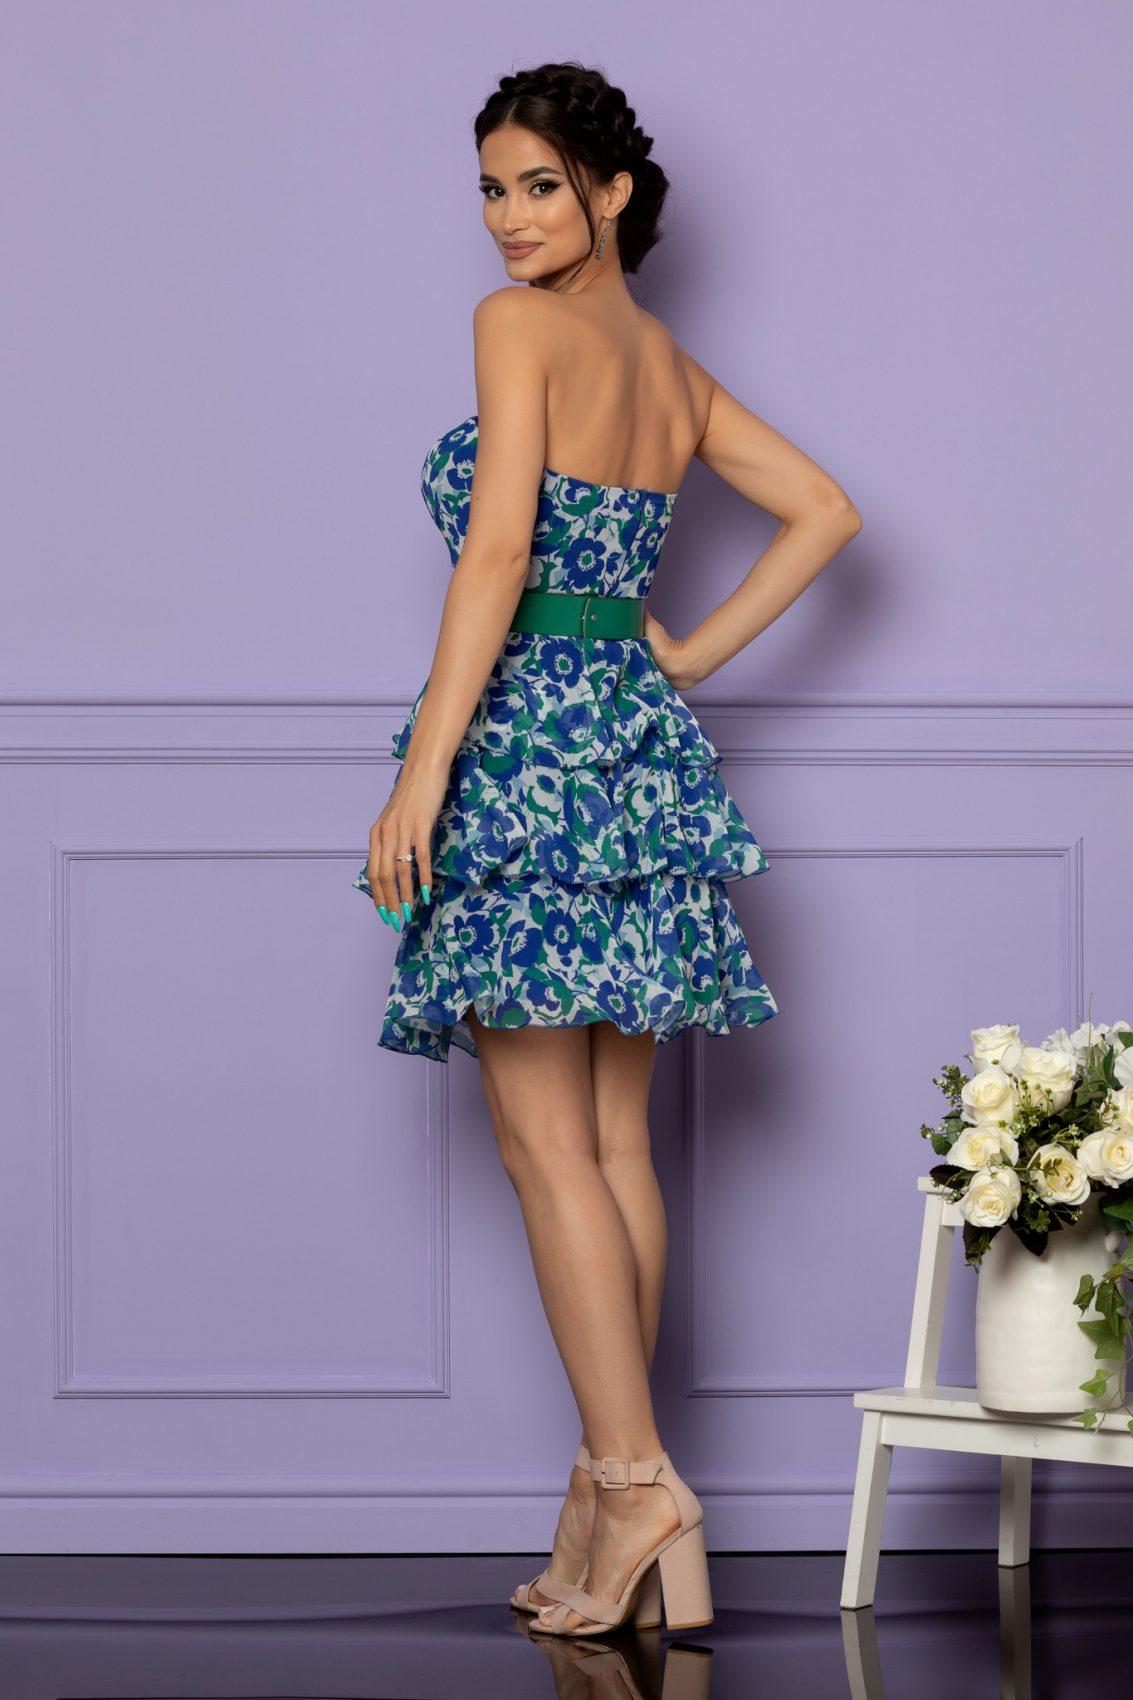 Μπλε Εμπριμέ Στράπλες Βραδινό Φόρεμα Anda A614 2